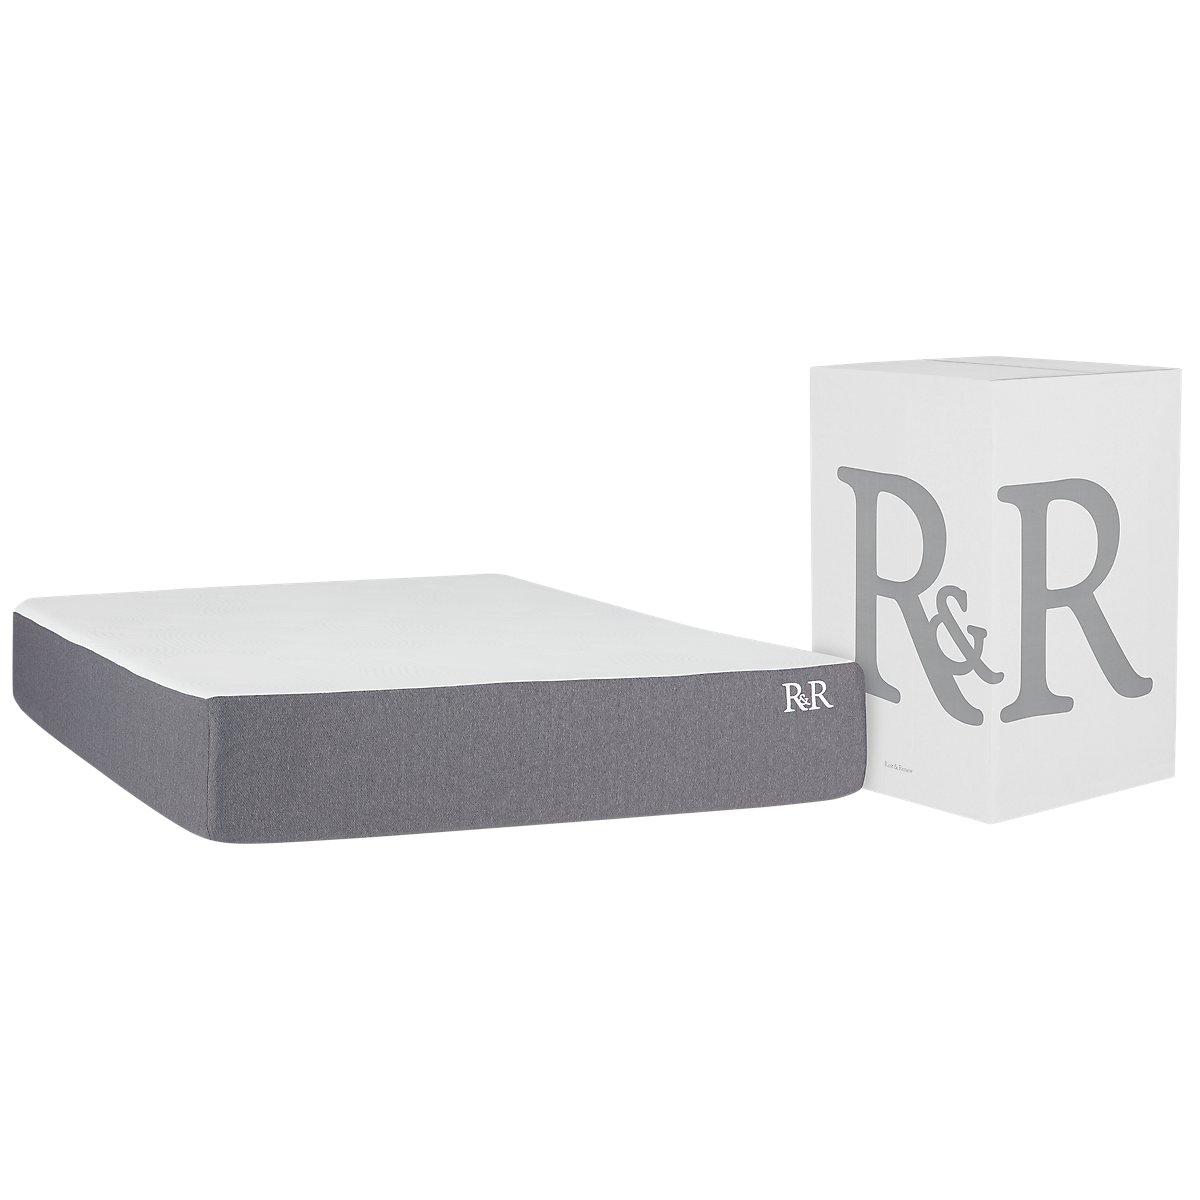 Rest & Renew Villa Memory Foam & Gel Mattress